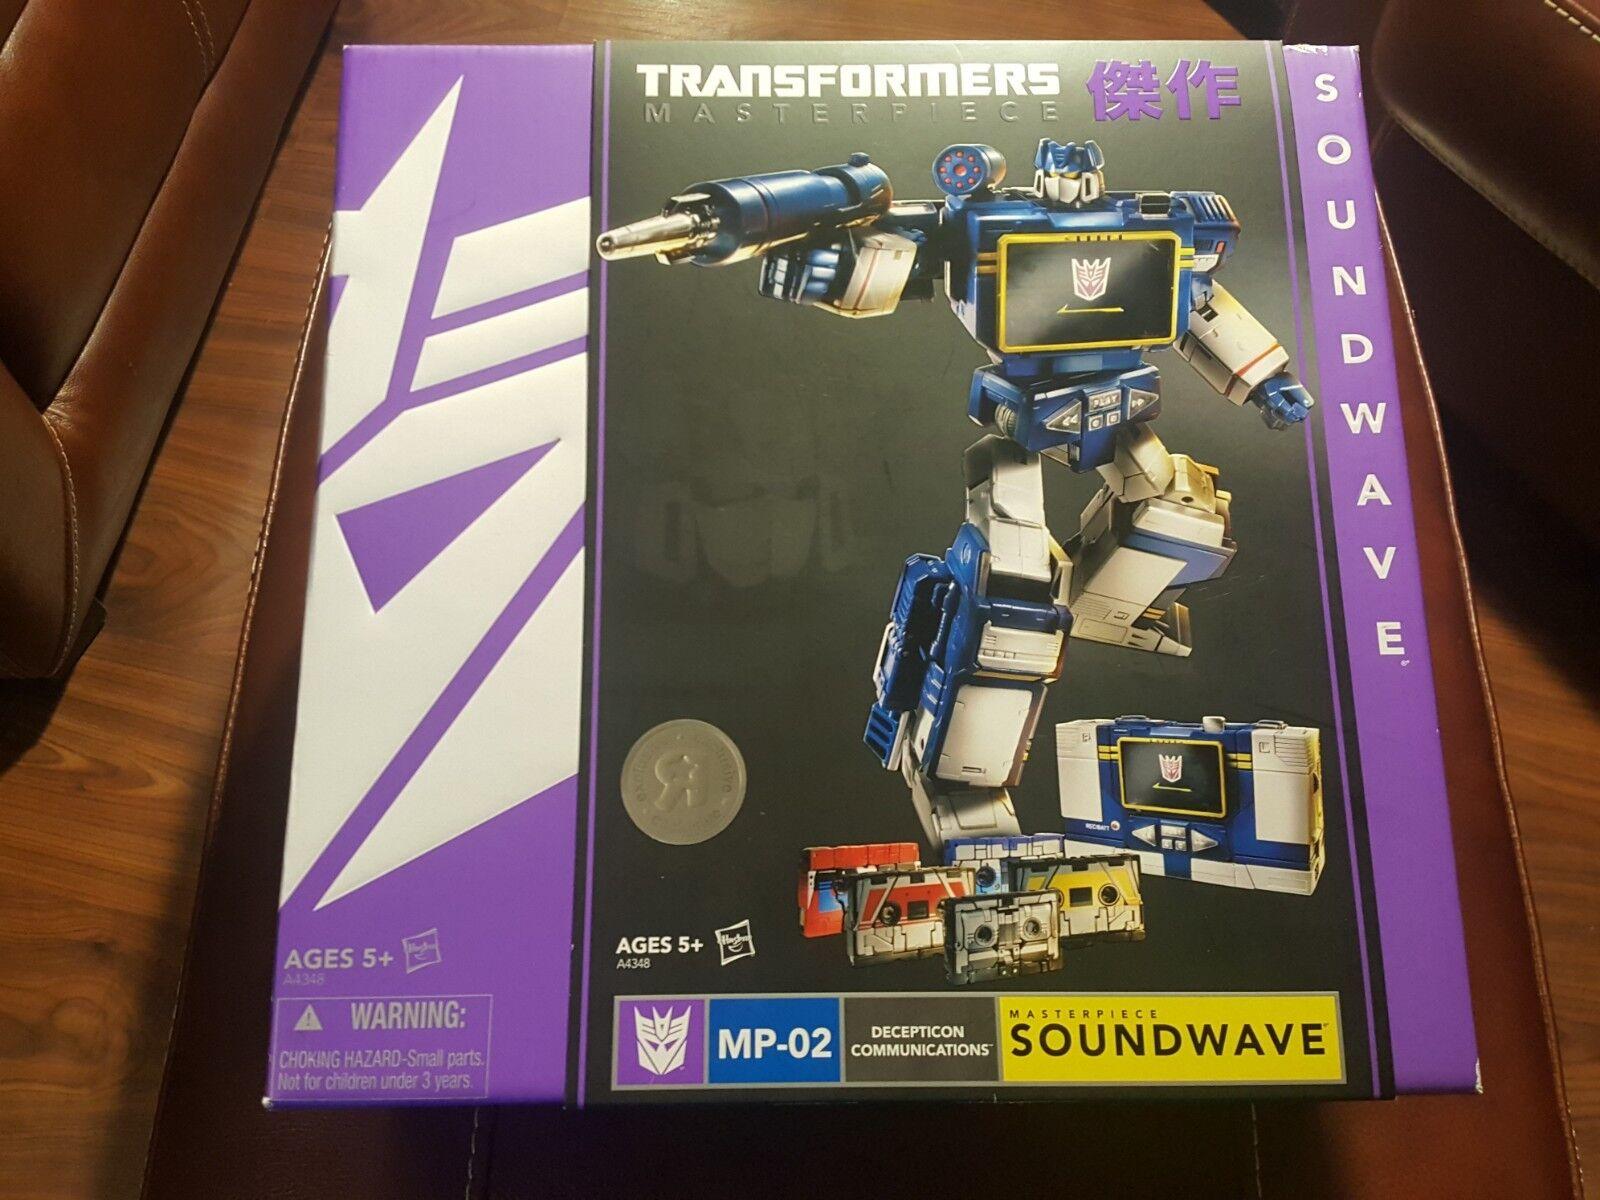 Transformers Masterpiece Soundwave MP-02 Decepticon Juguetes R TRU exclusivo menta en Sellado US Caja